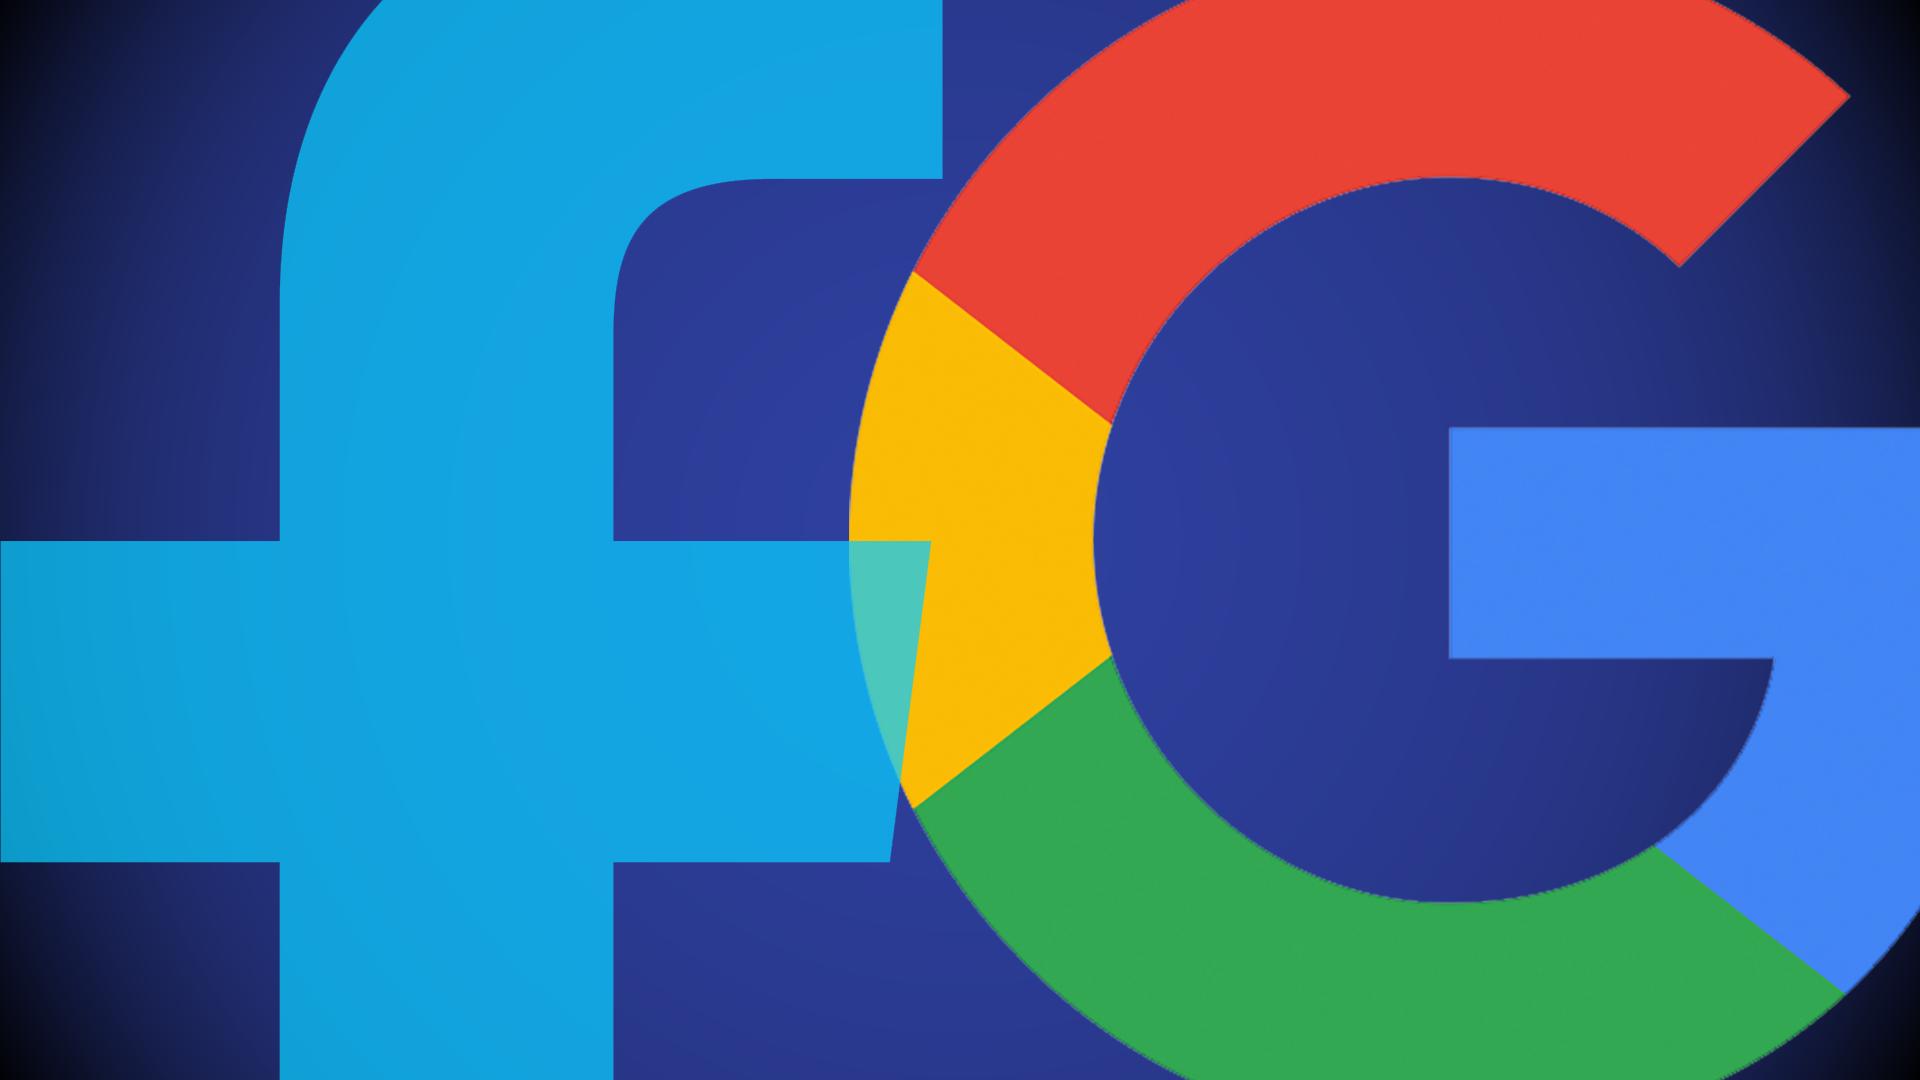 Google и Facebook захватывают мировое информационное пространство